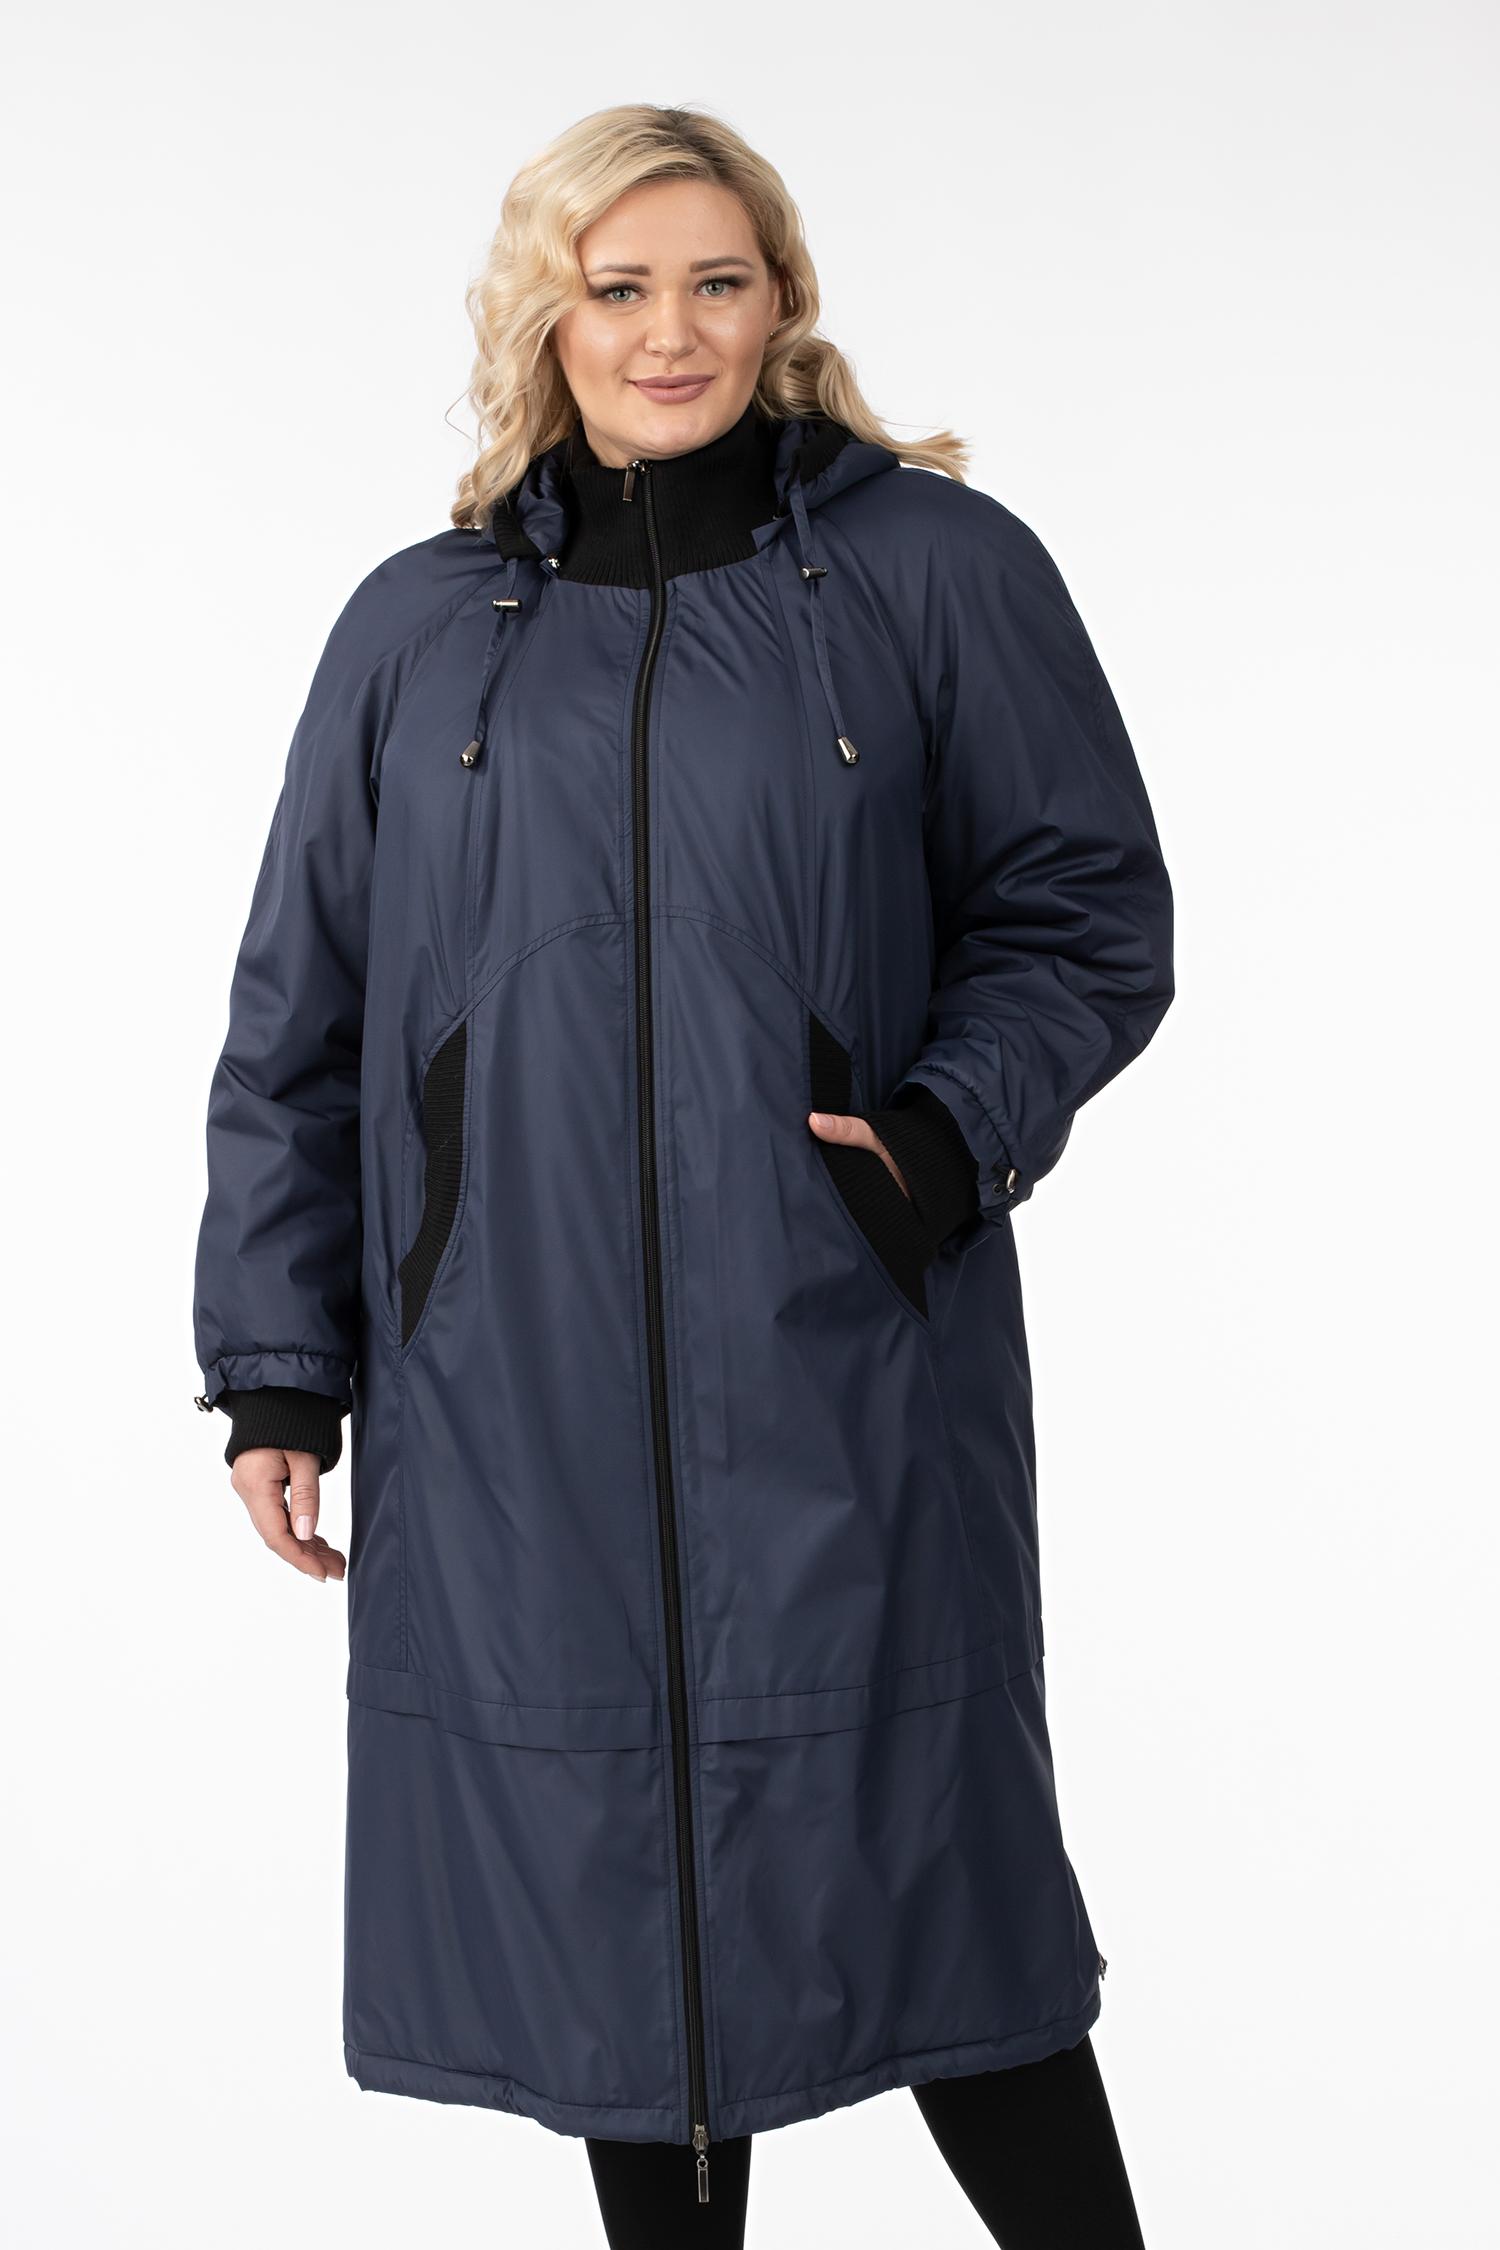 Женское пальто из текстиля с капюшоном, без отделки